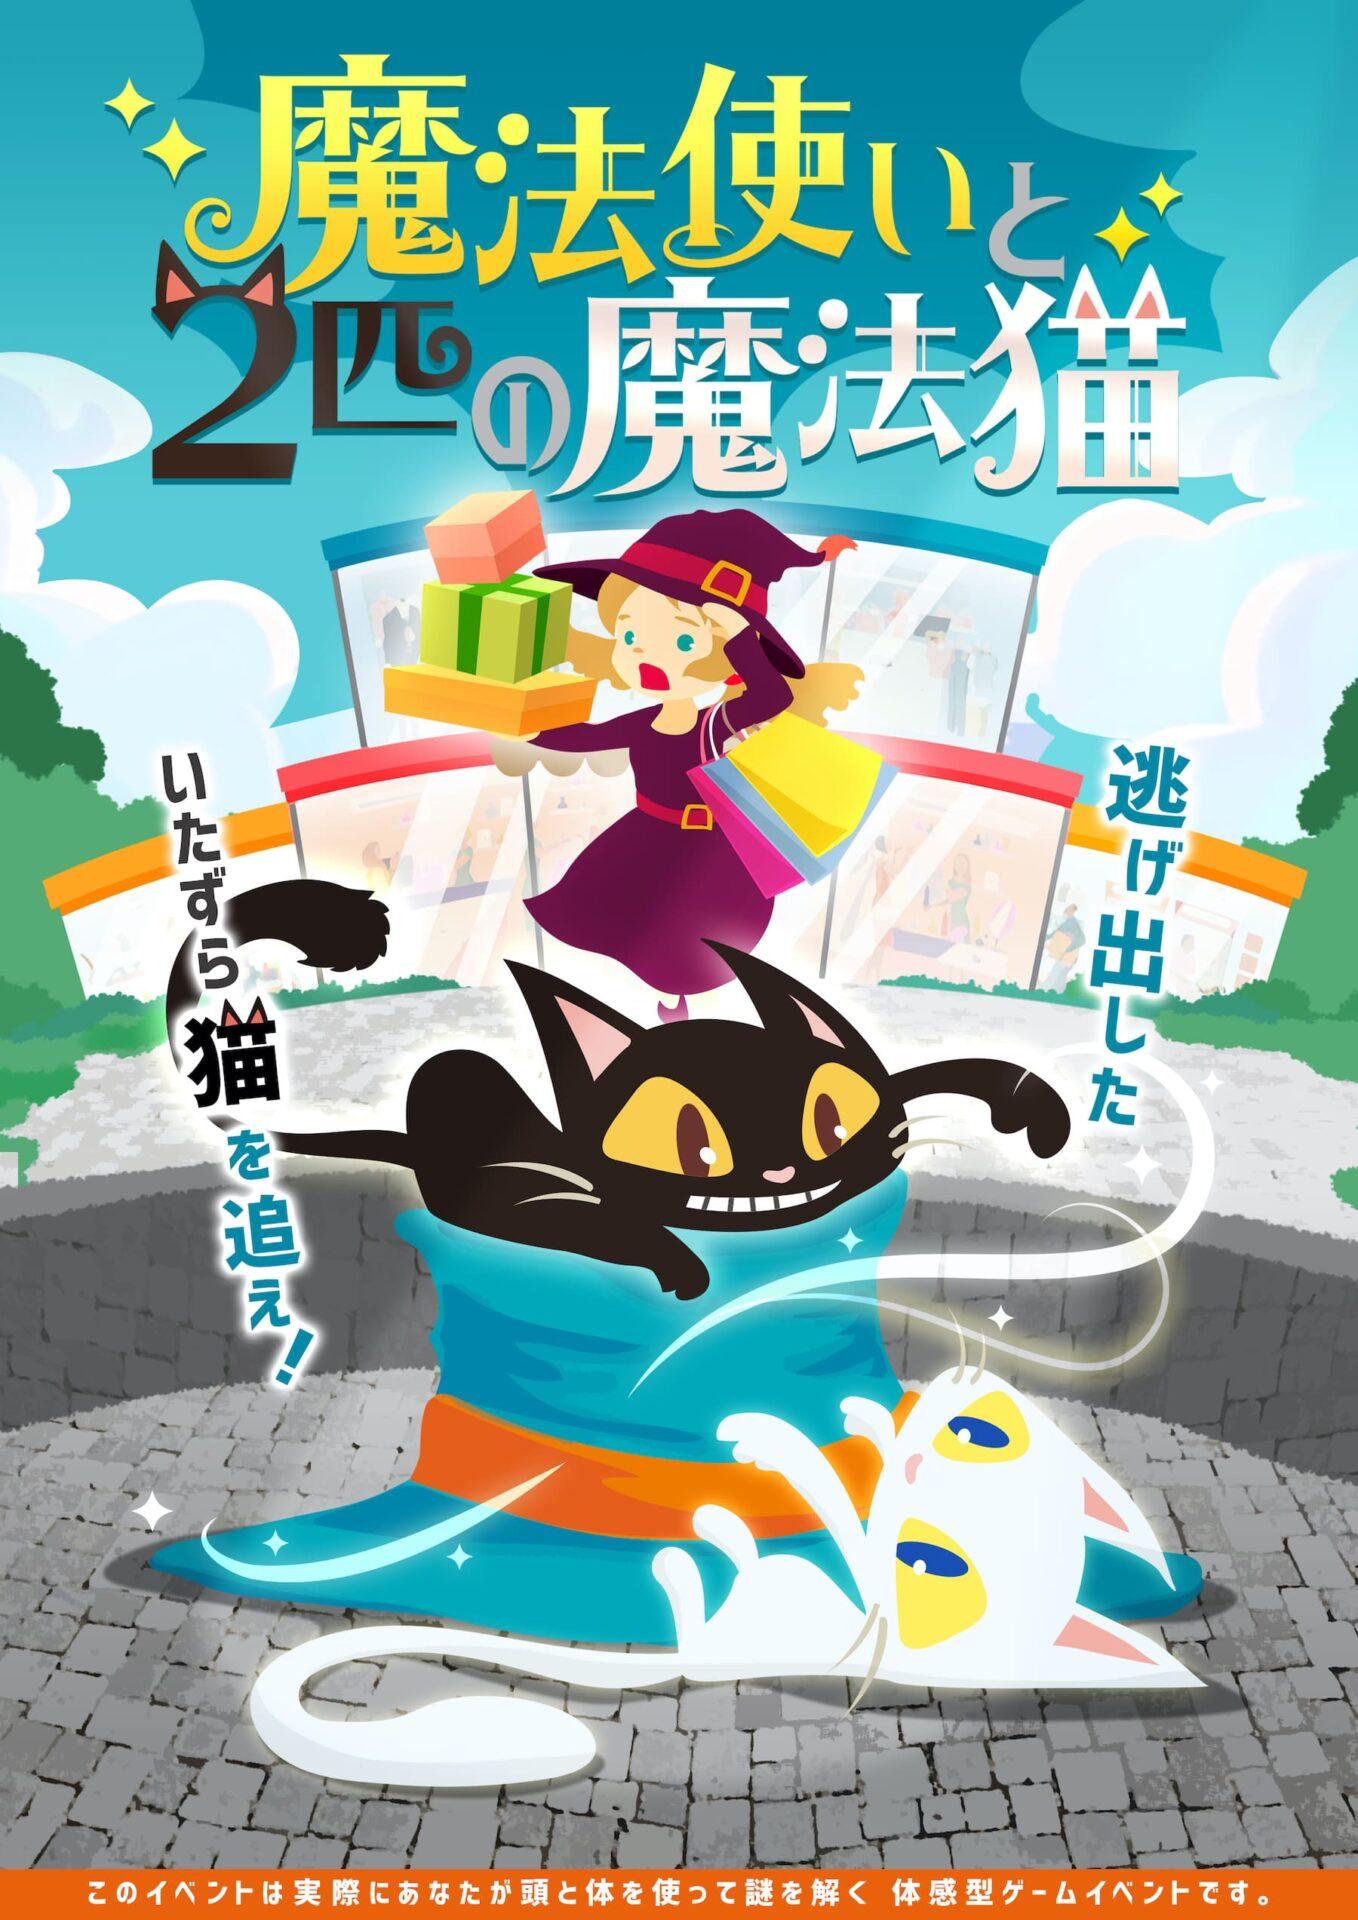 リアル謎解きゲーム『魔法使いと2匹の魔法猫』(東京 新宿)